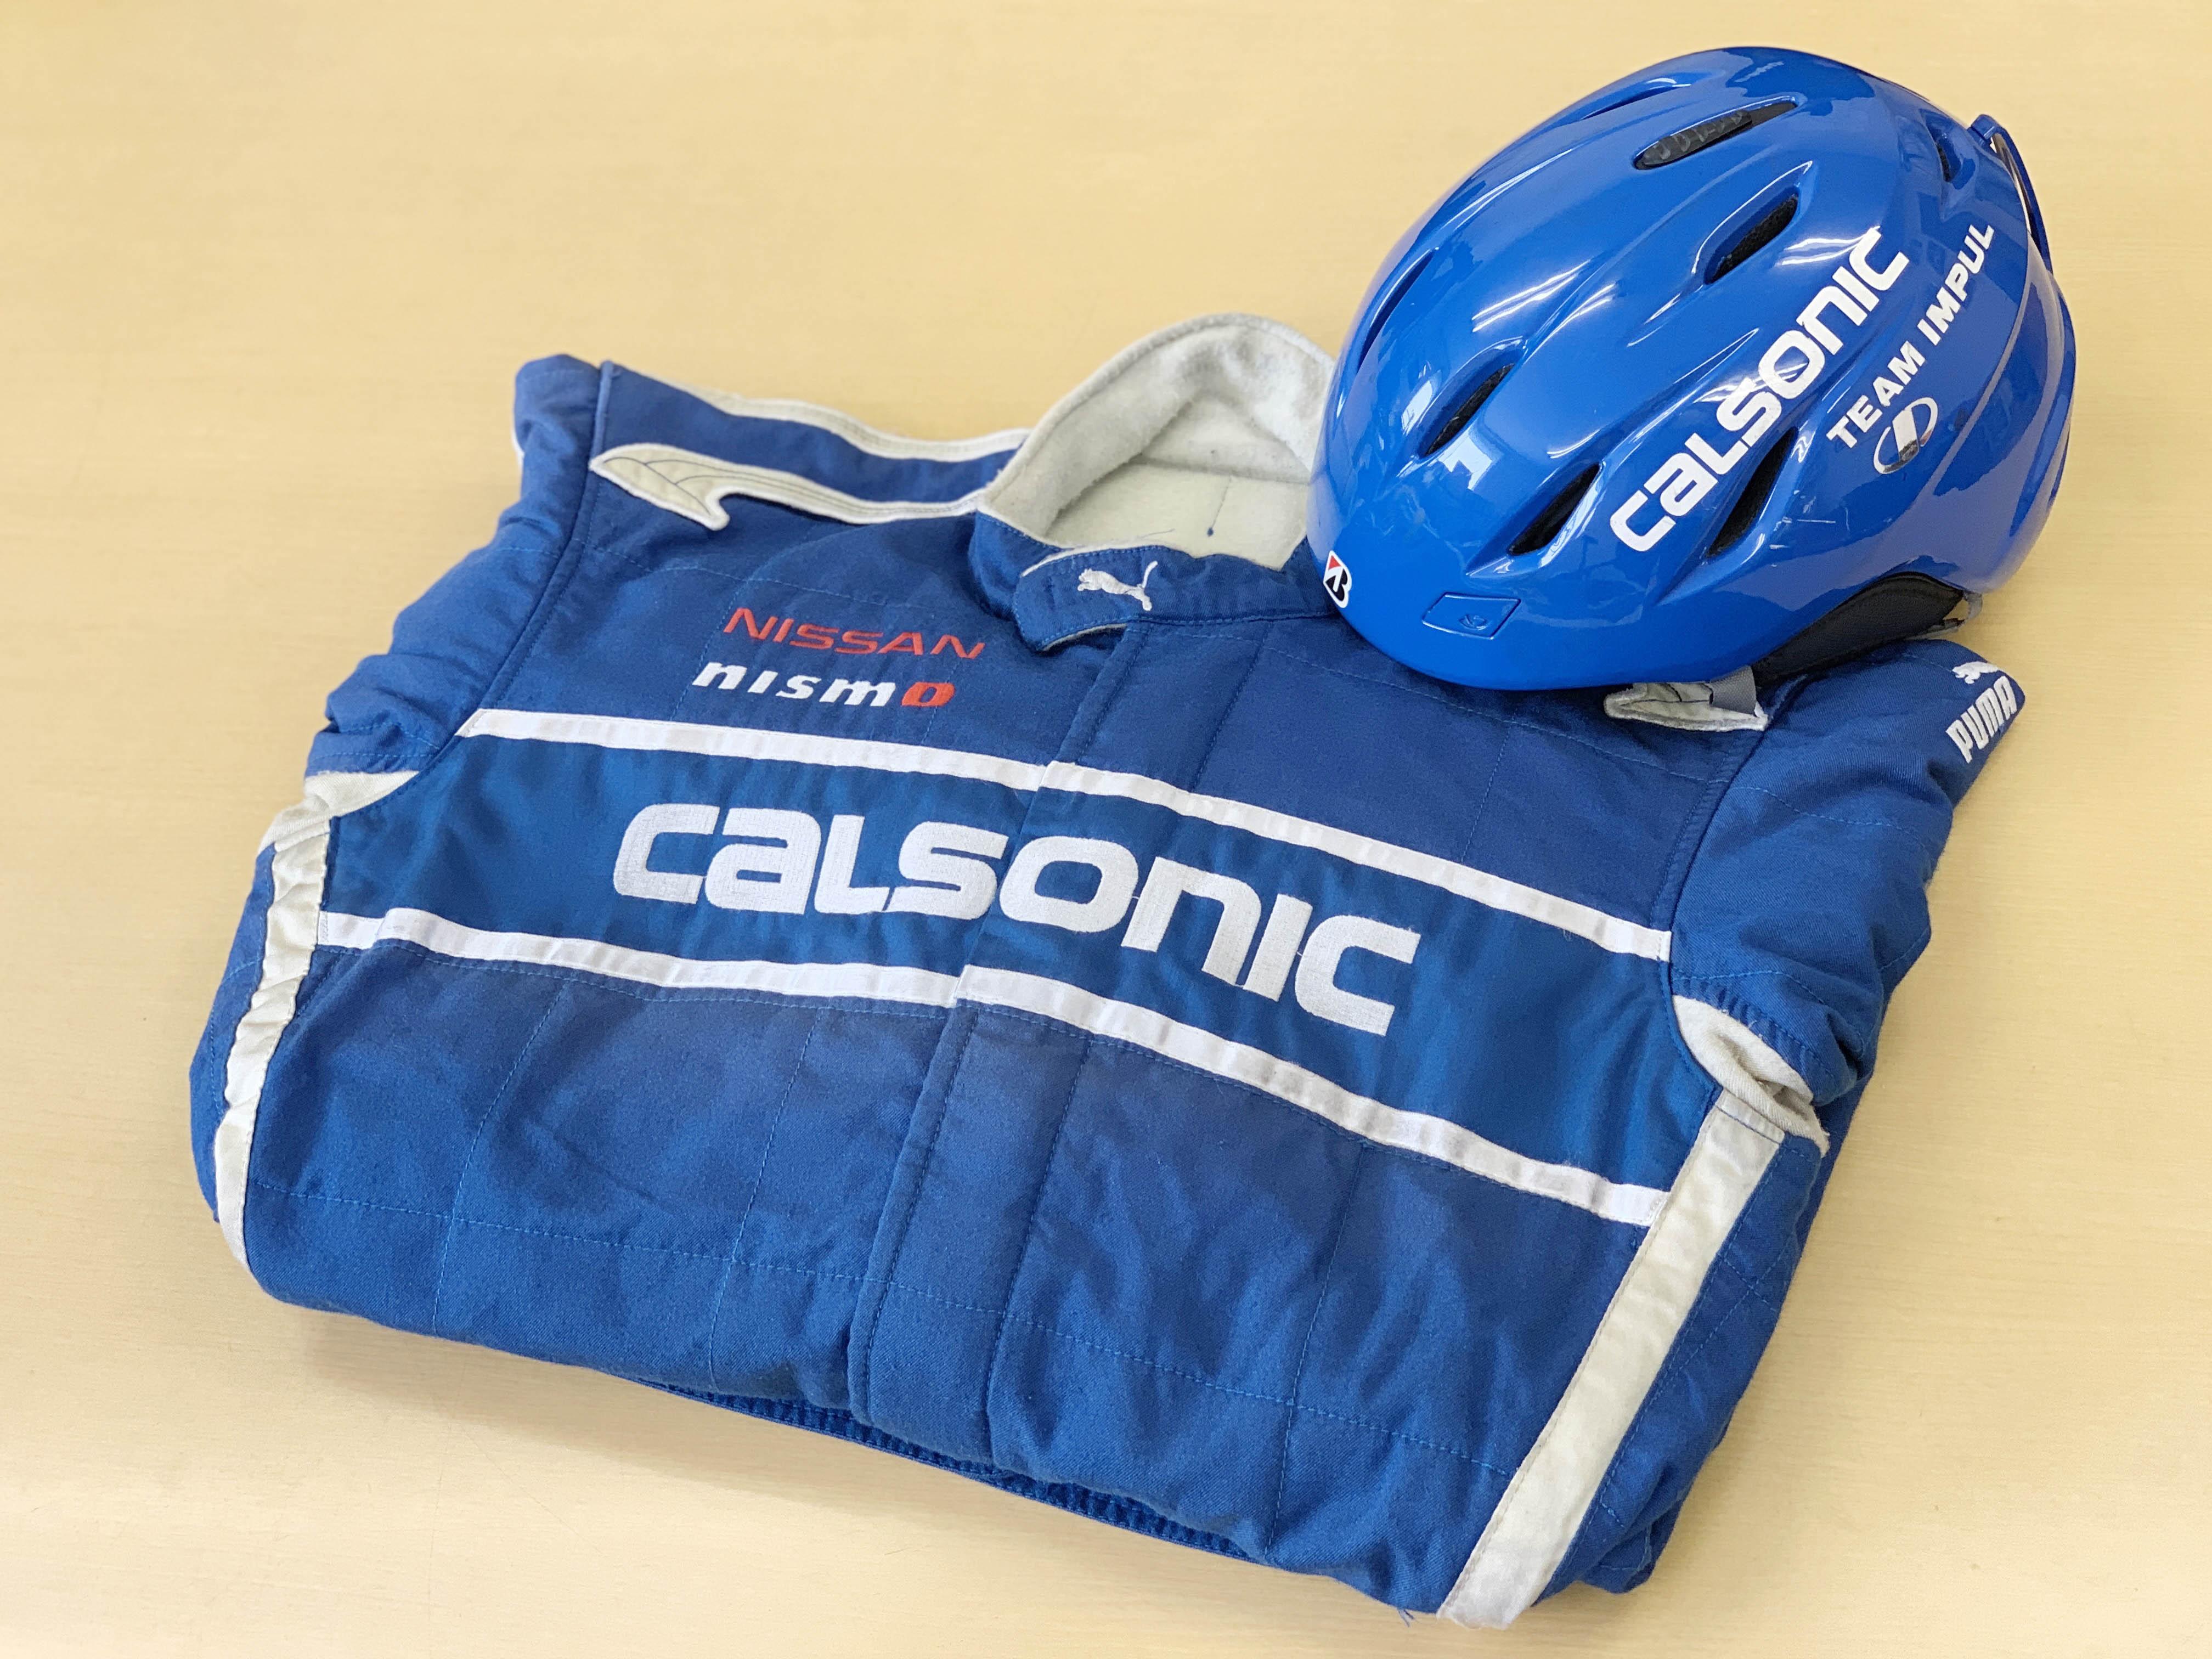 レースで実際に使用! メカニックの耐火スーツとヘルメットを抽選で1名様にプレゼント!